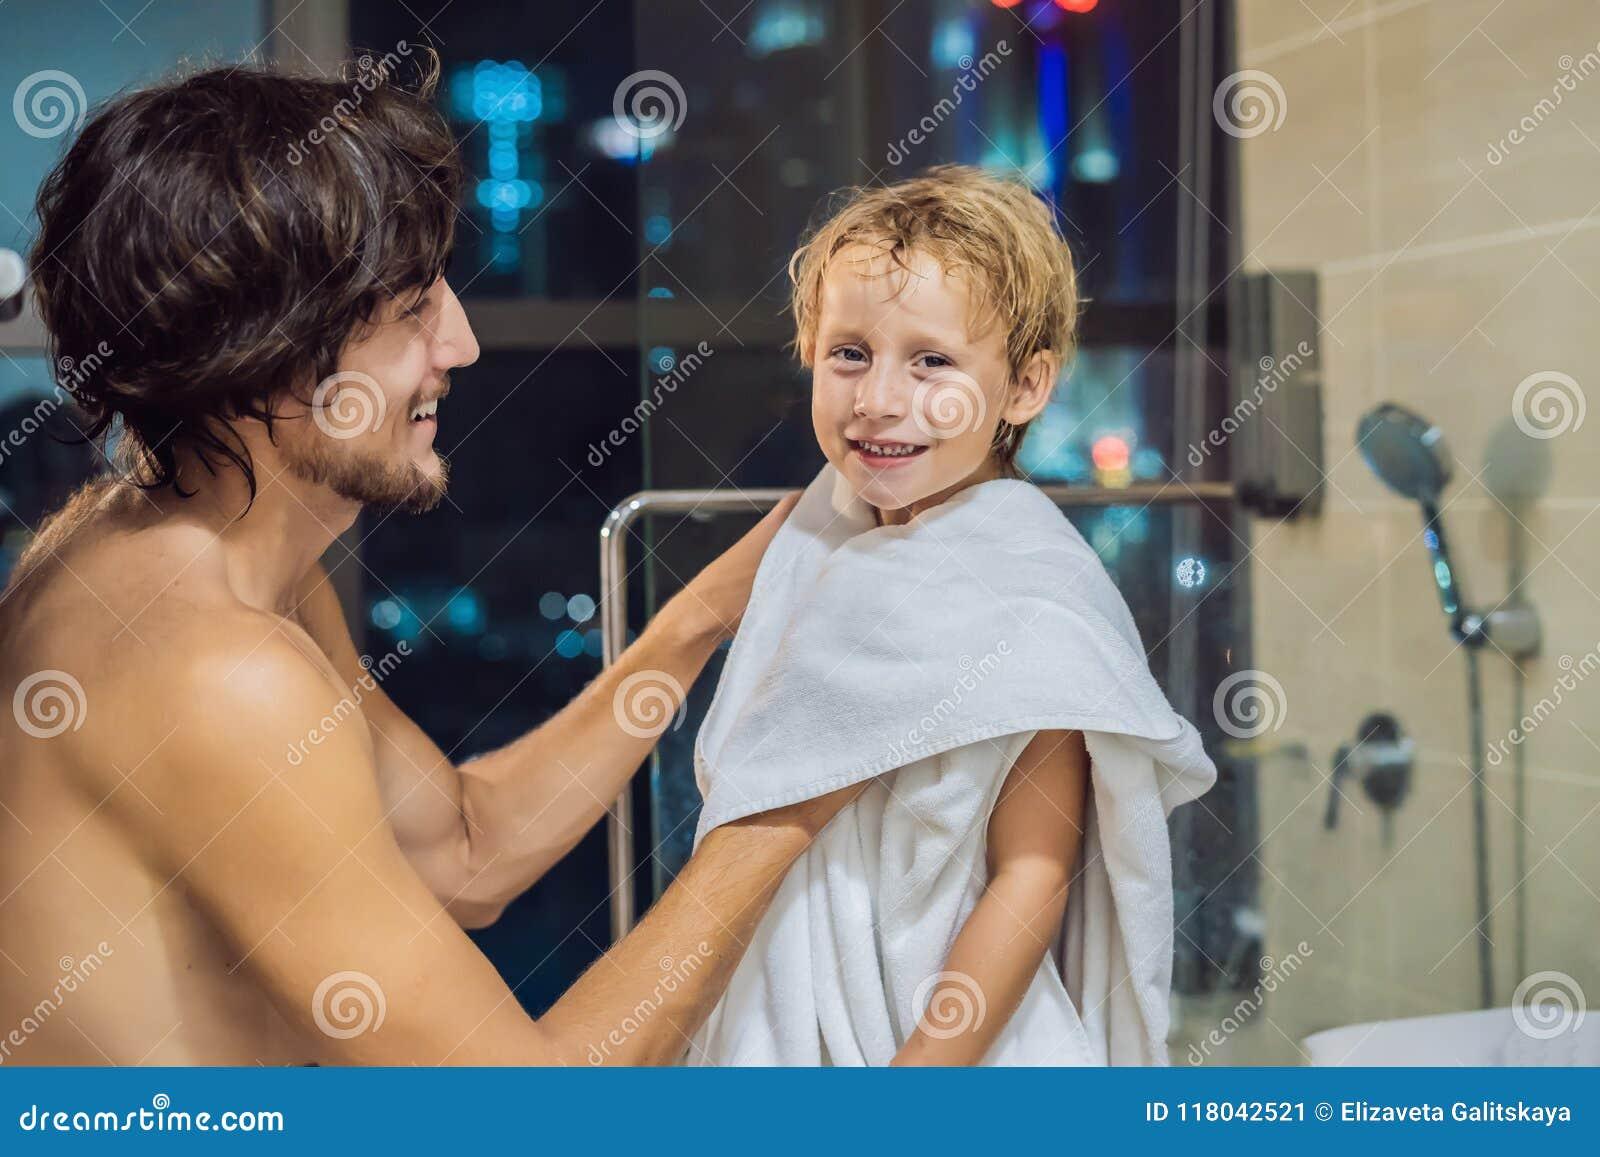 Ο μπαμπάς σκουπίζει το γιο του με μια πετσέτα μετά από ένα ντους στο BEF βραδιού